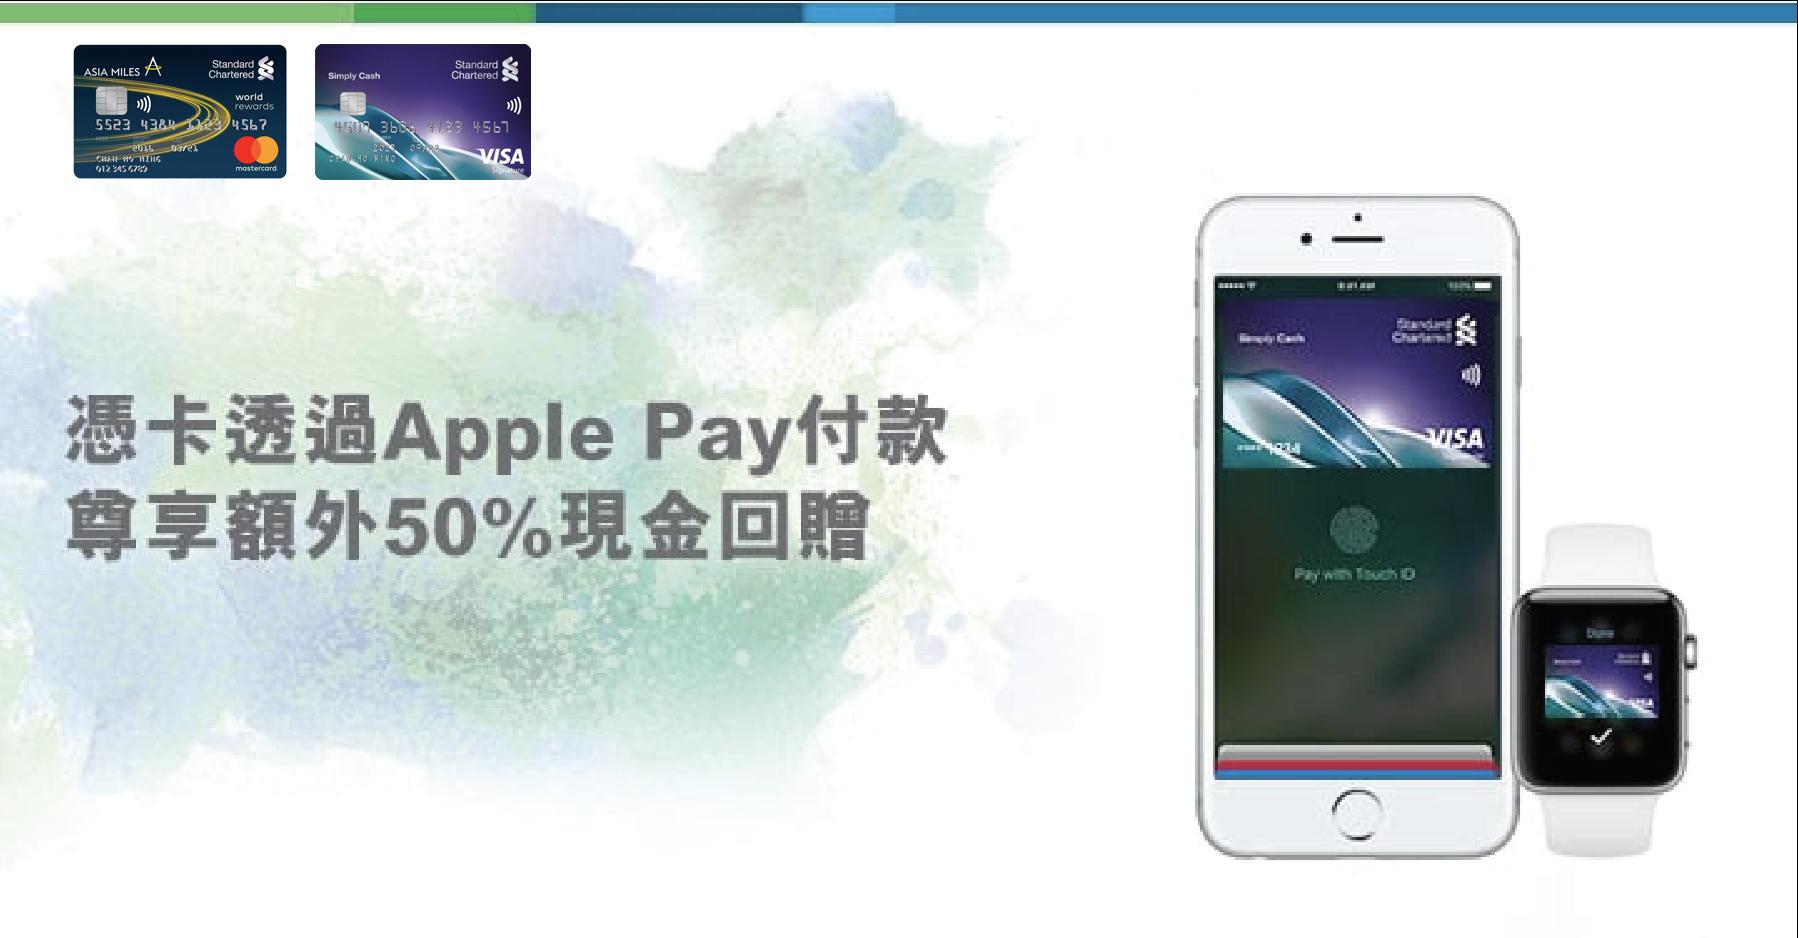 渣打信用卡Apple Pay信用卡50%現金回贈!